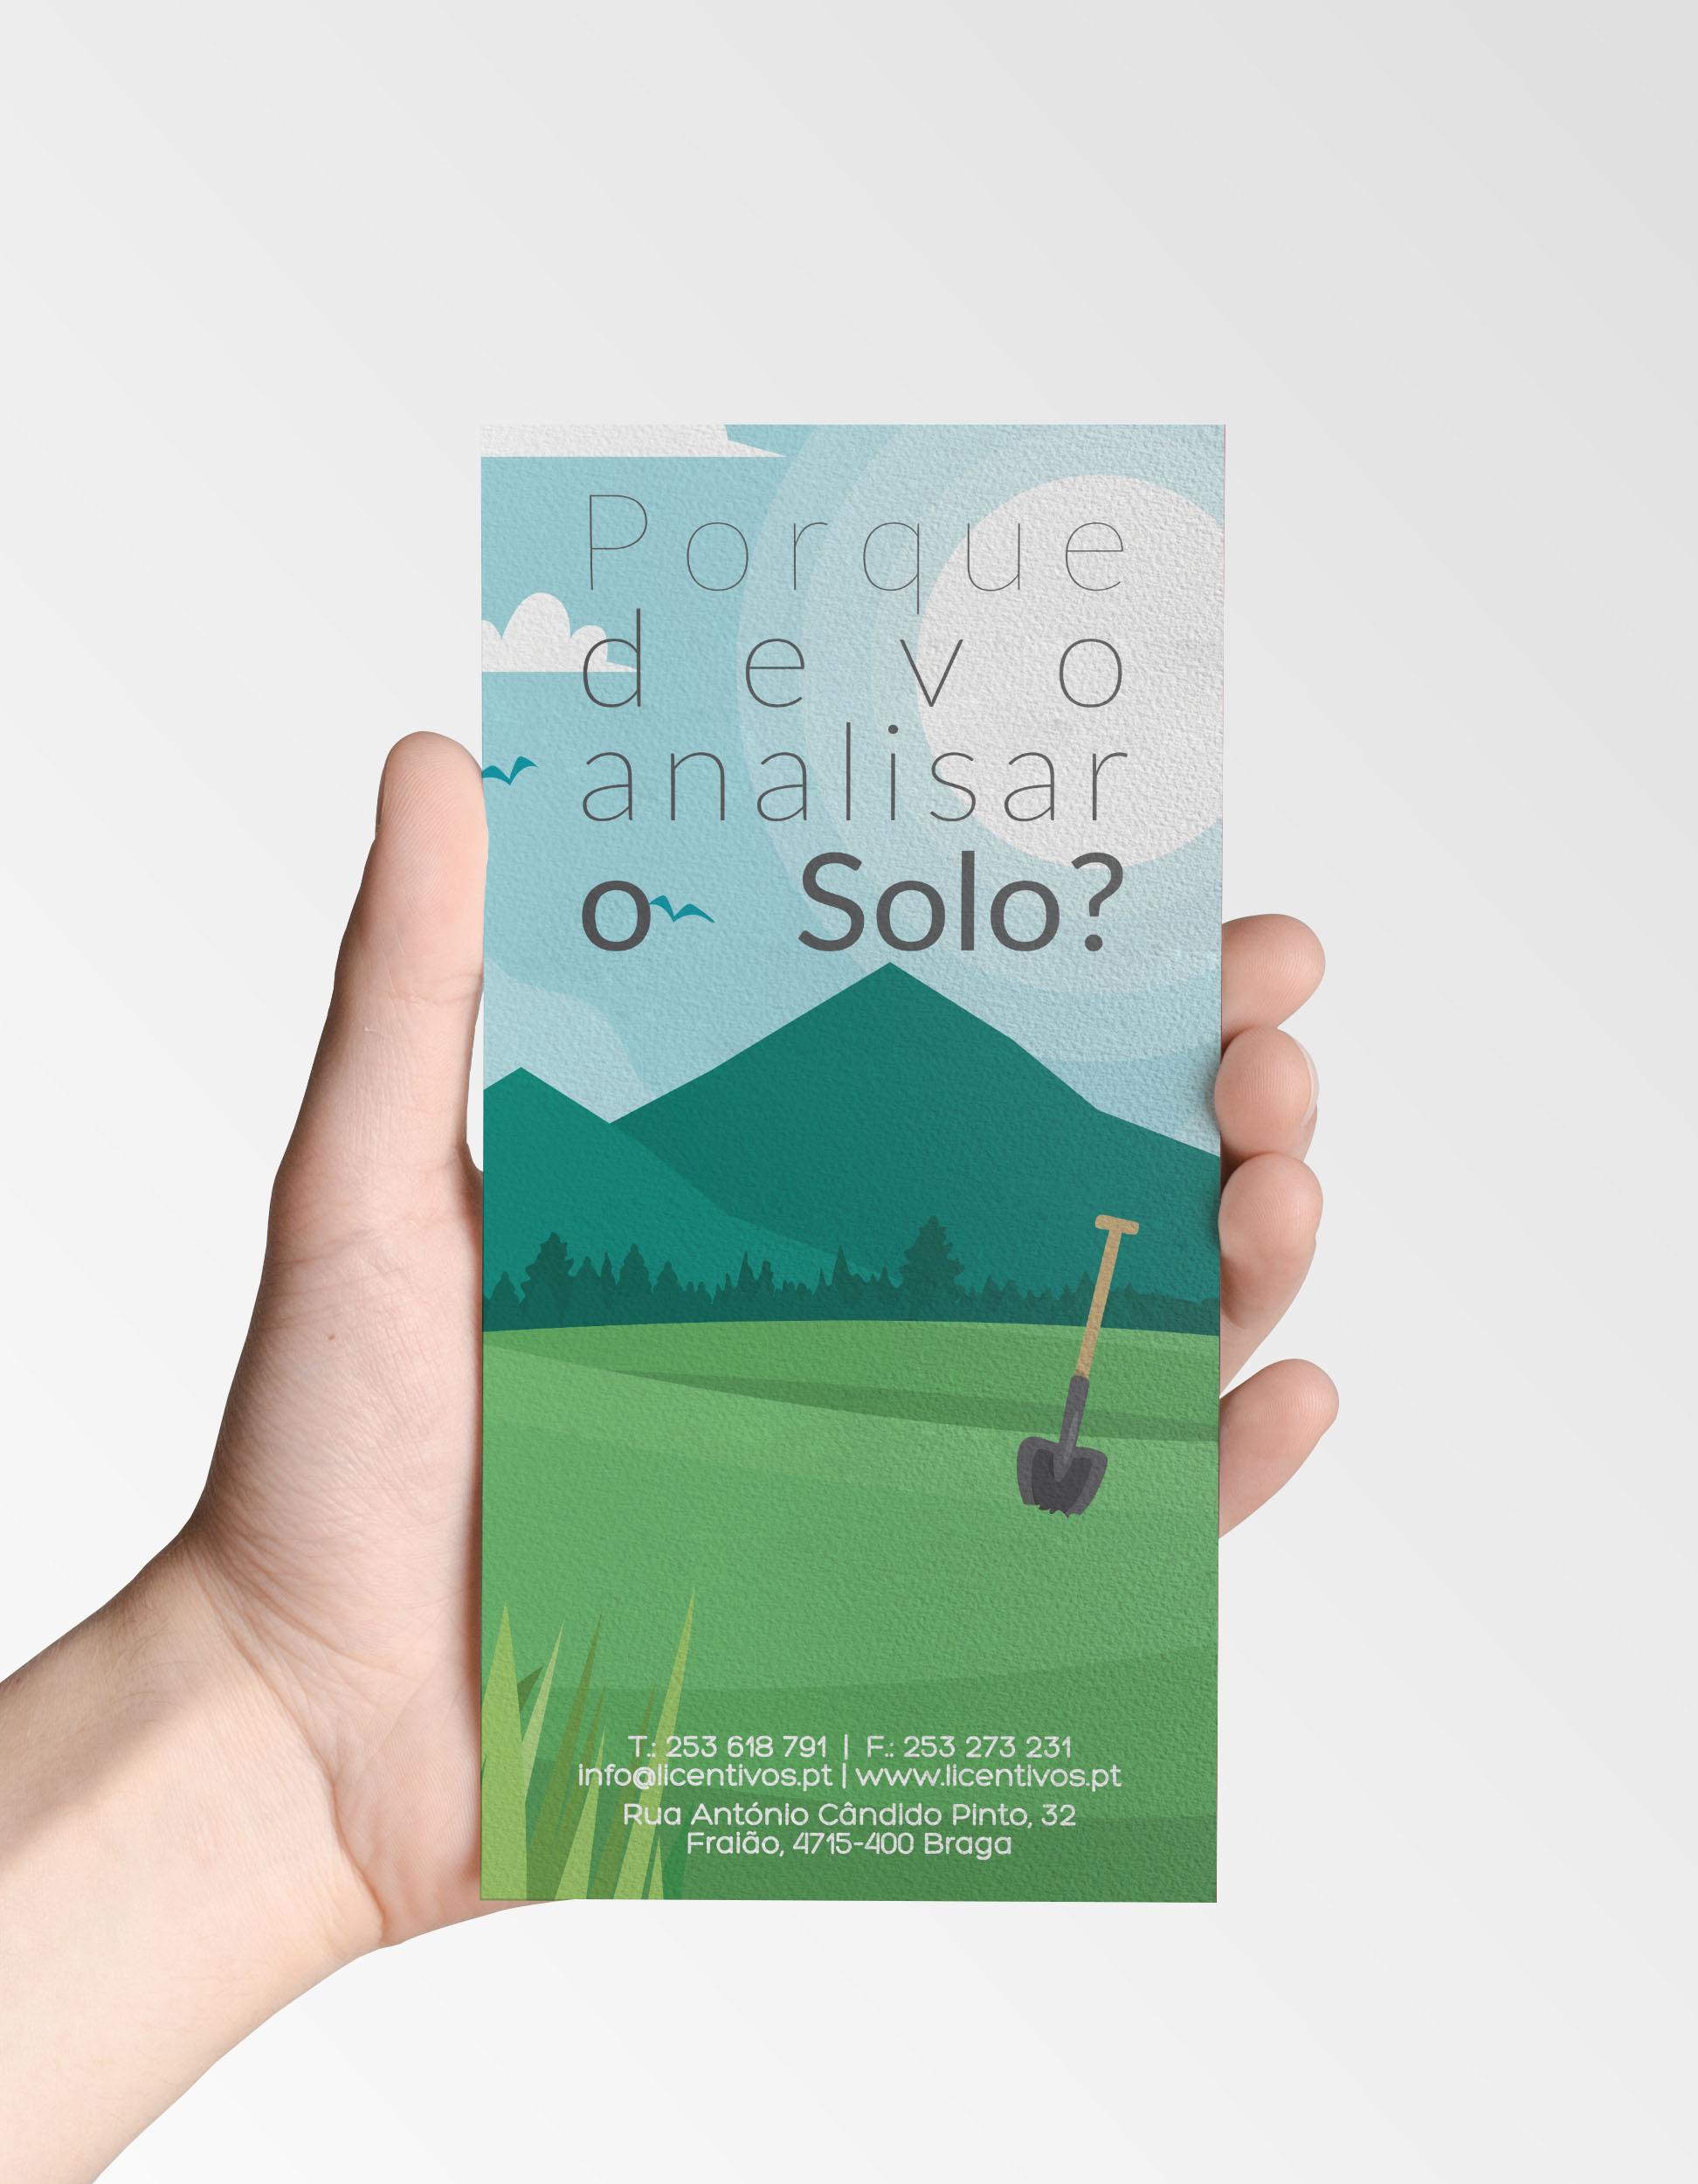 axis-design-branding-flyers